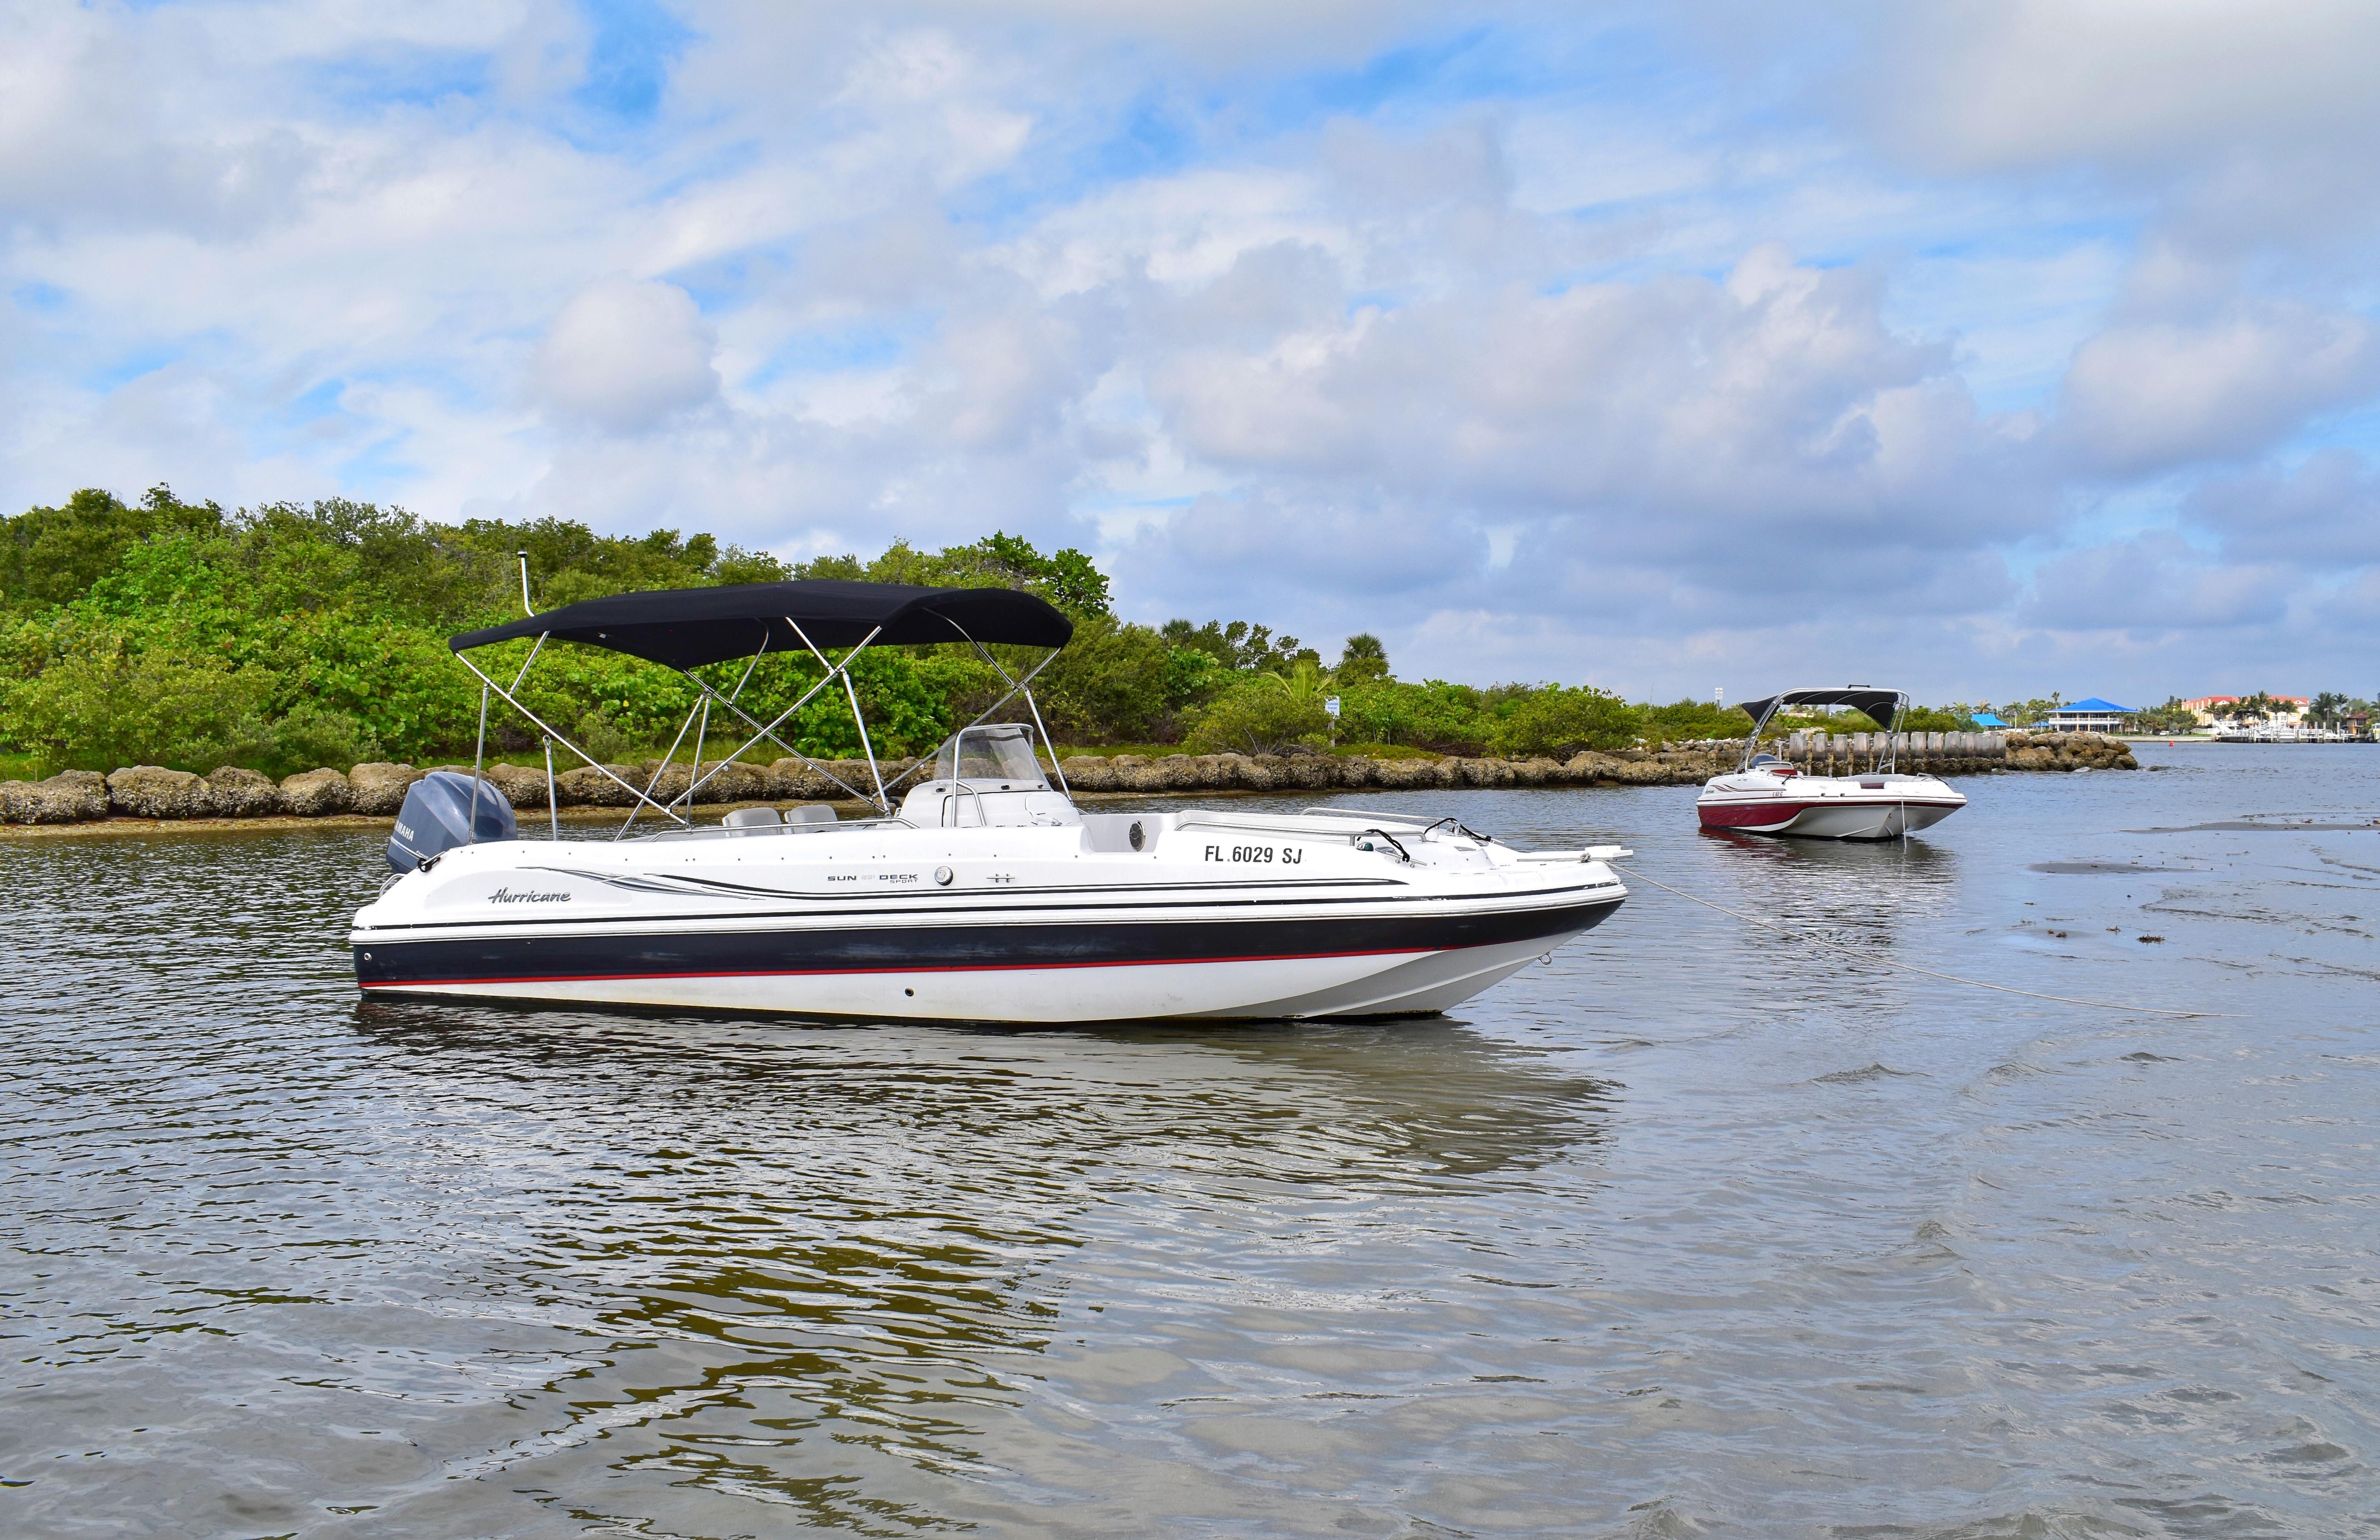 Boynton Boat Rentals